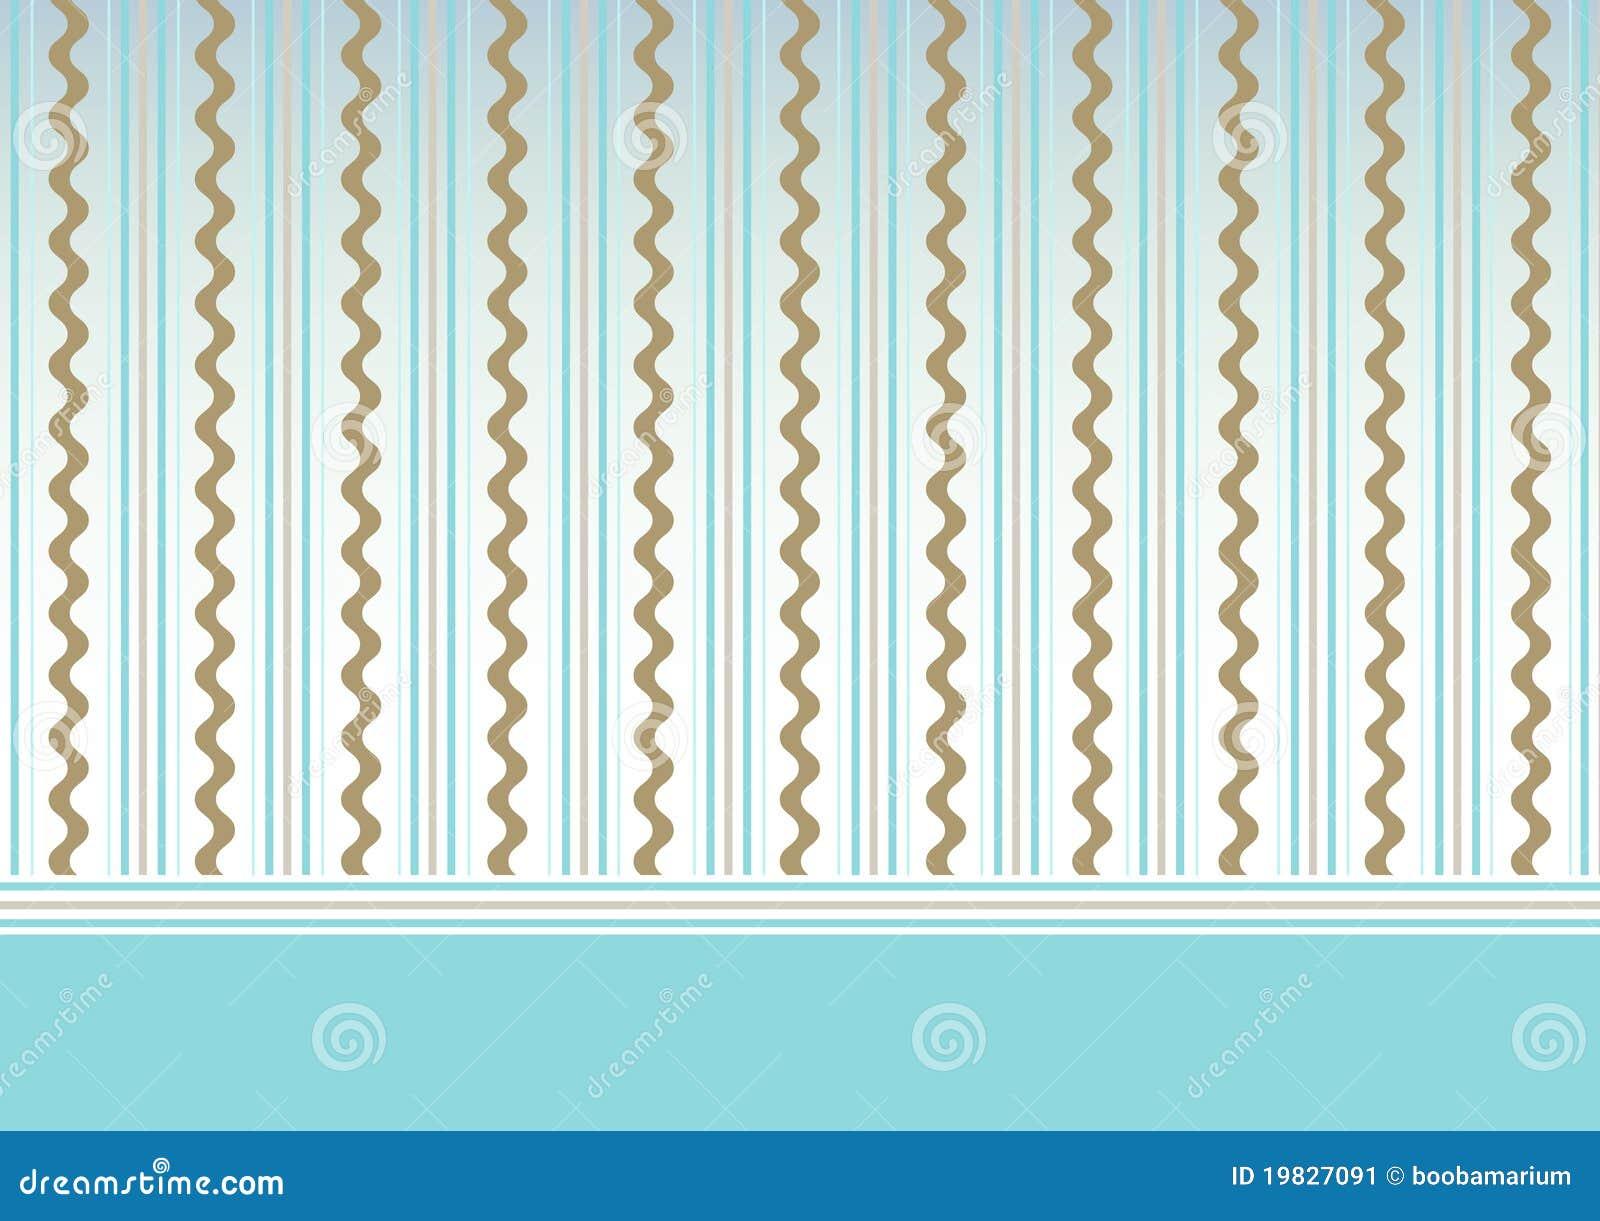 baby boy background design - photo #36